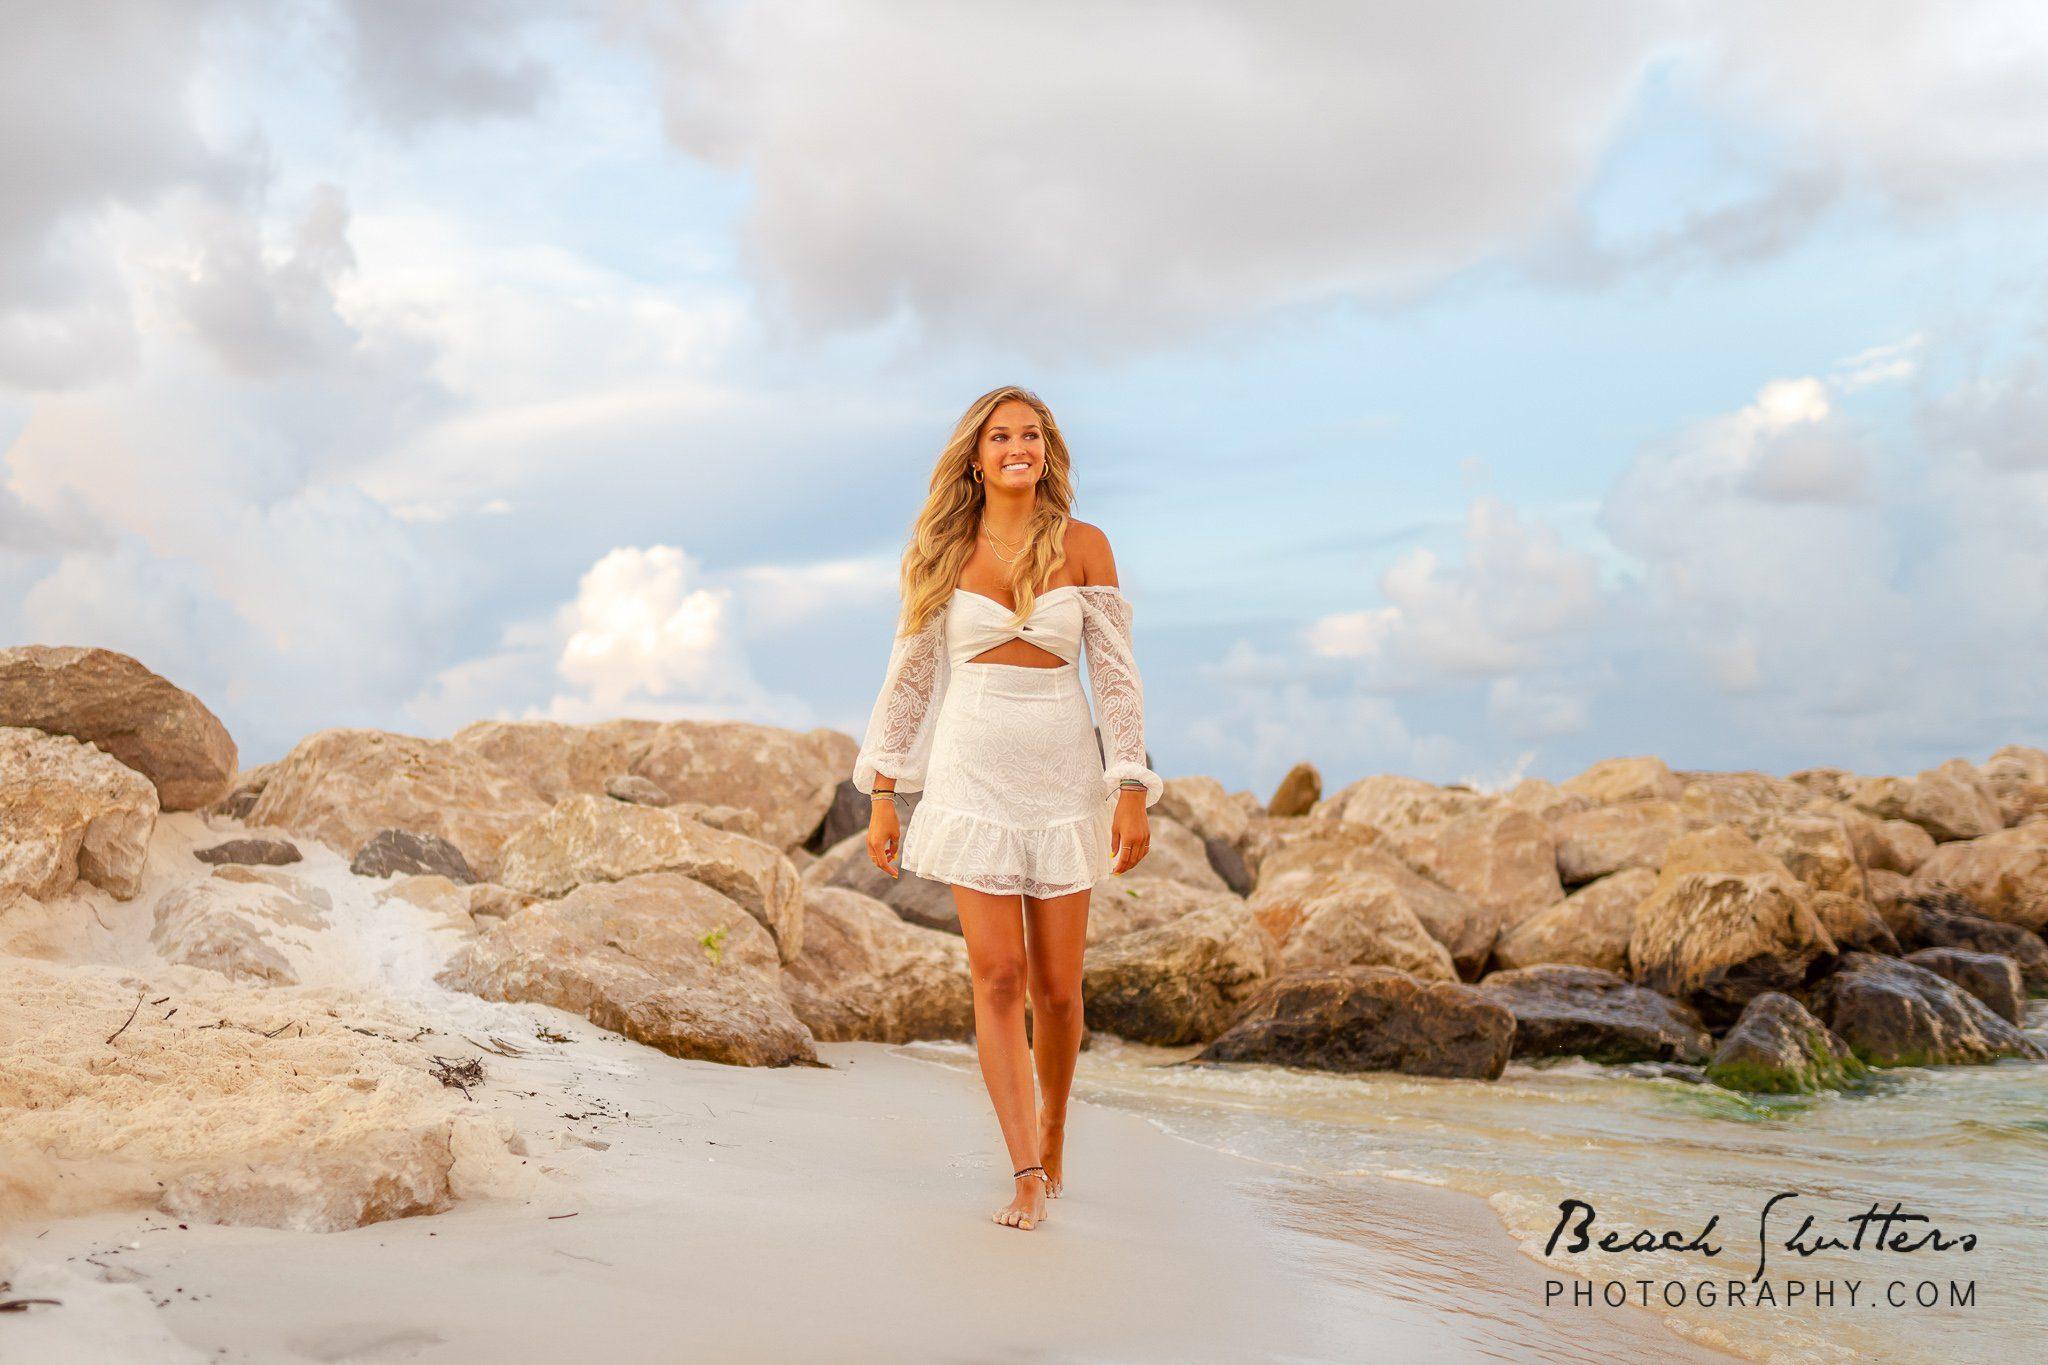 senior beach portraits make the best photo session